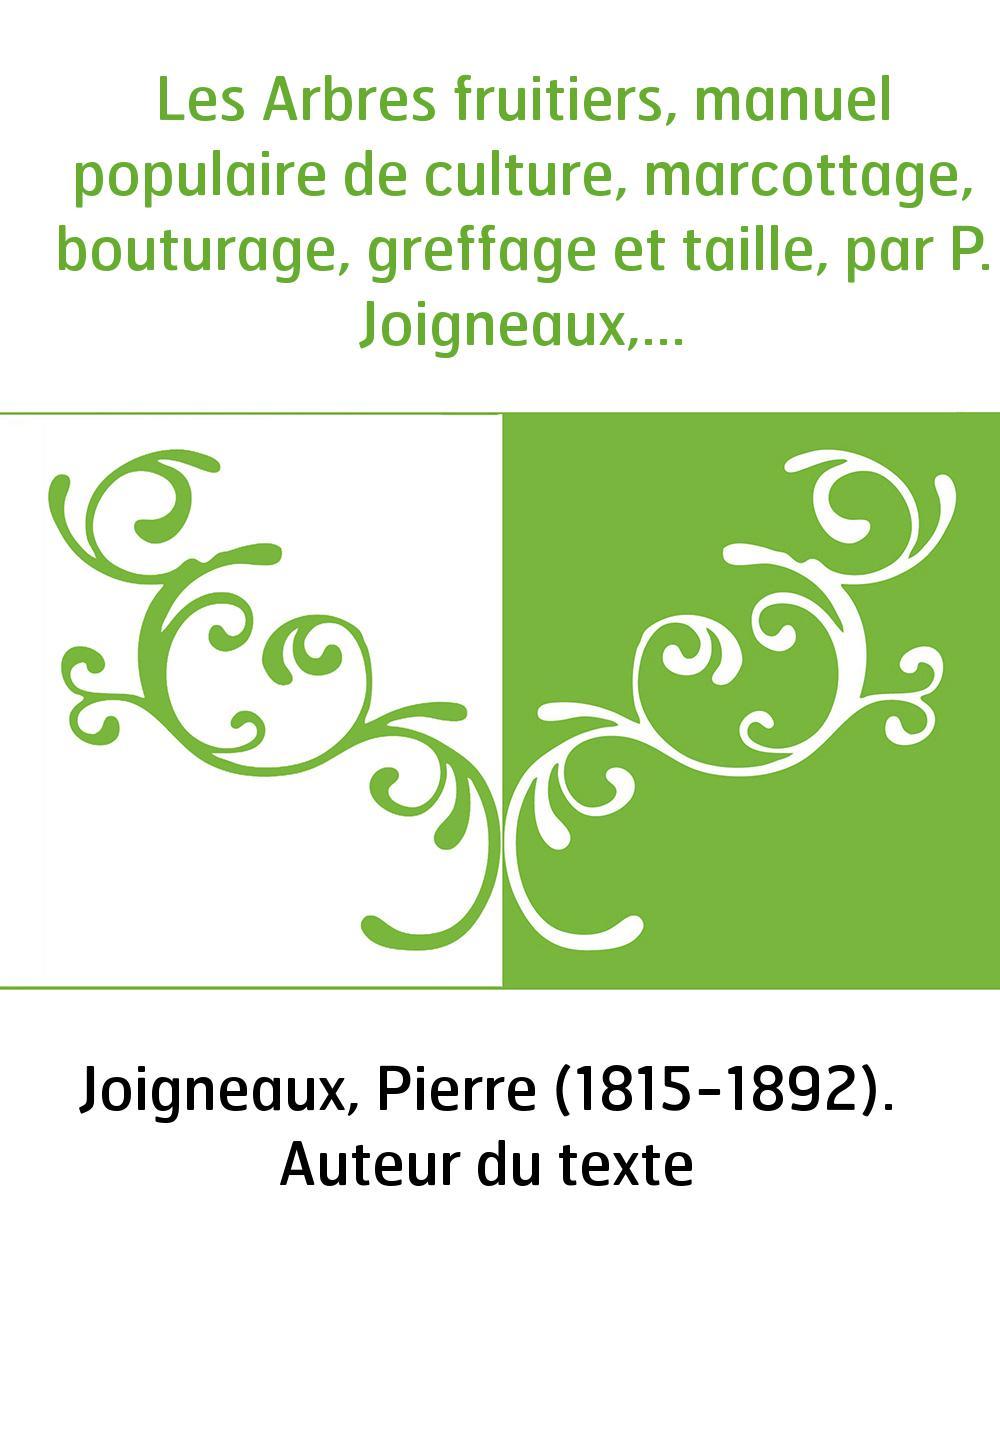 Les Arbres fruitiers, manuel populaire de culture, marcottage, bouturage, greffage et taille, par P. Joigneaux,...